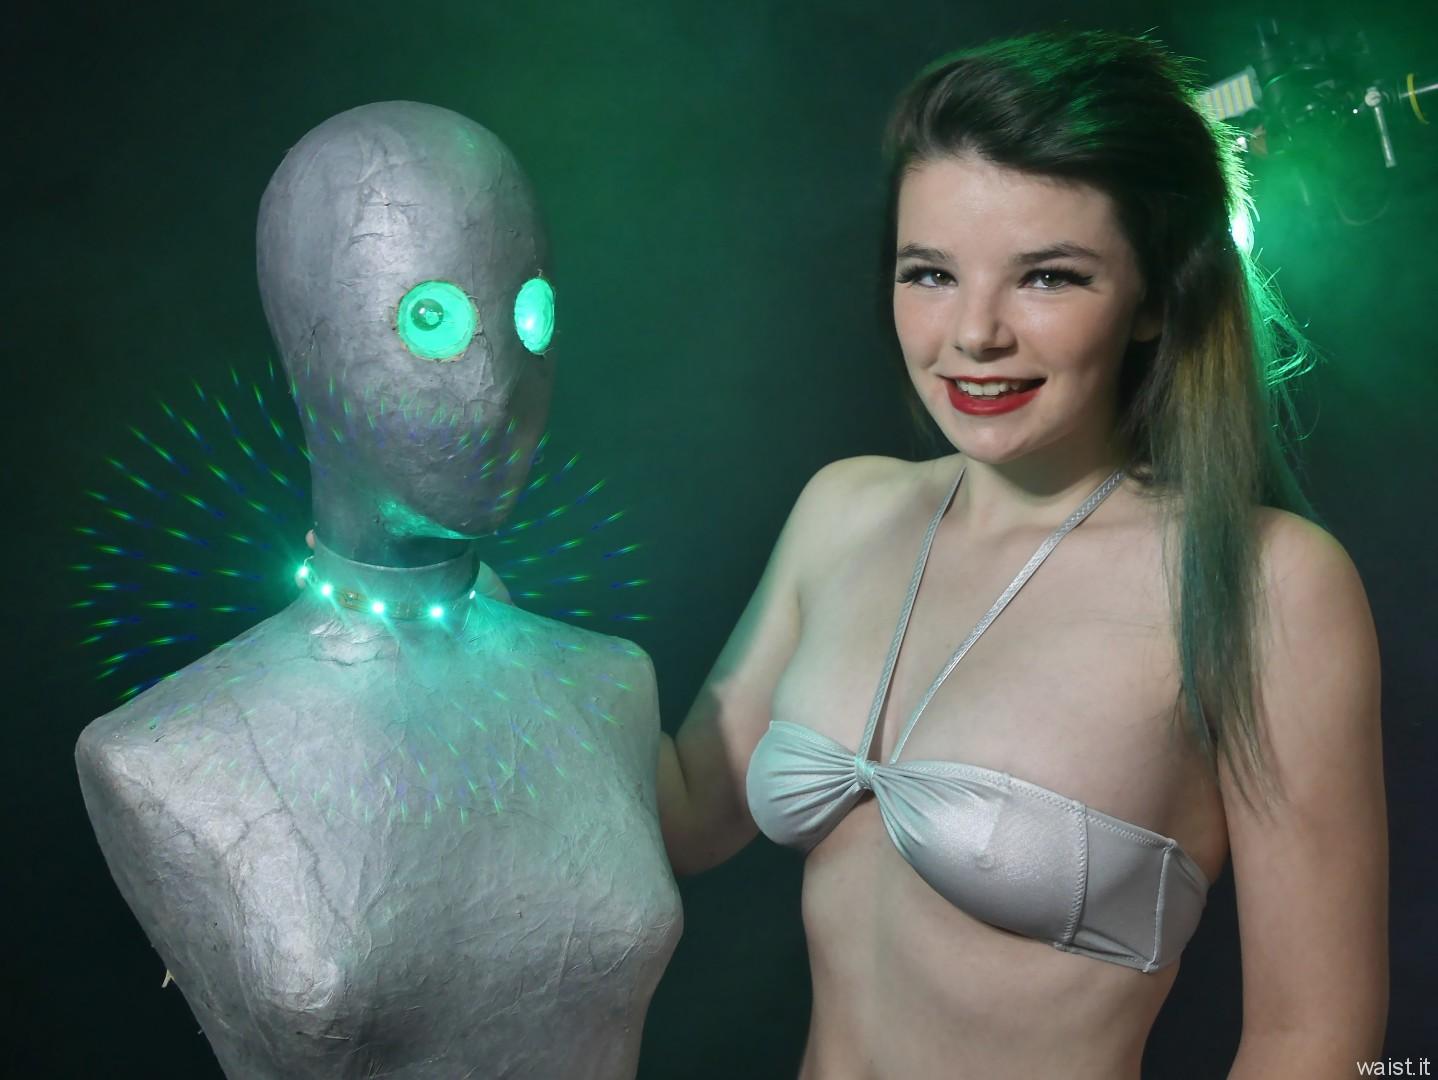 2016-10-09 - Ronniee in tiny silver bikini